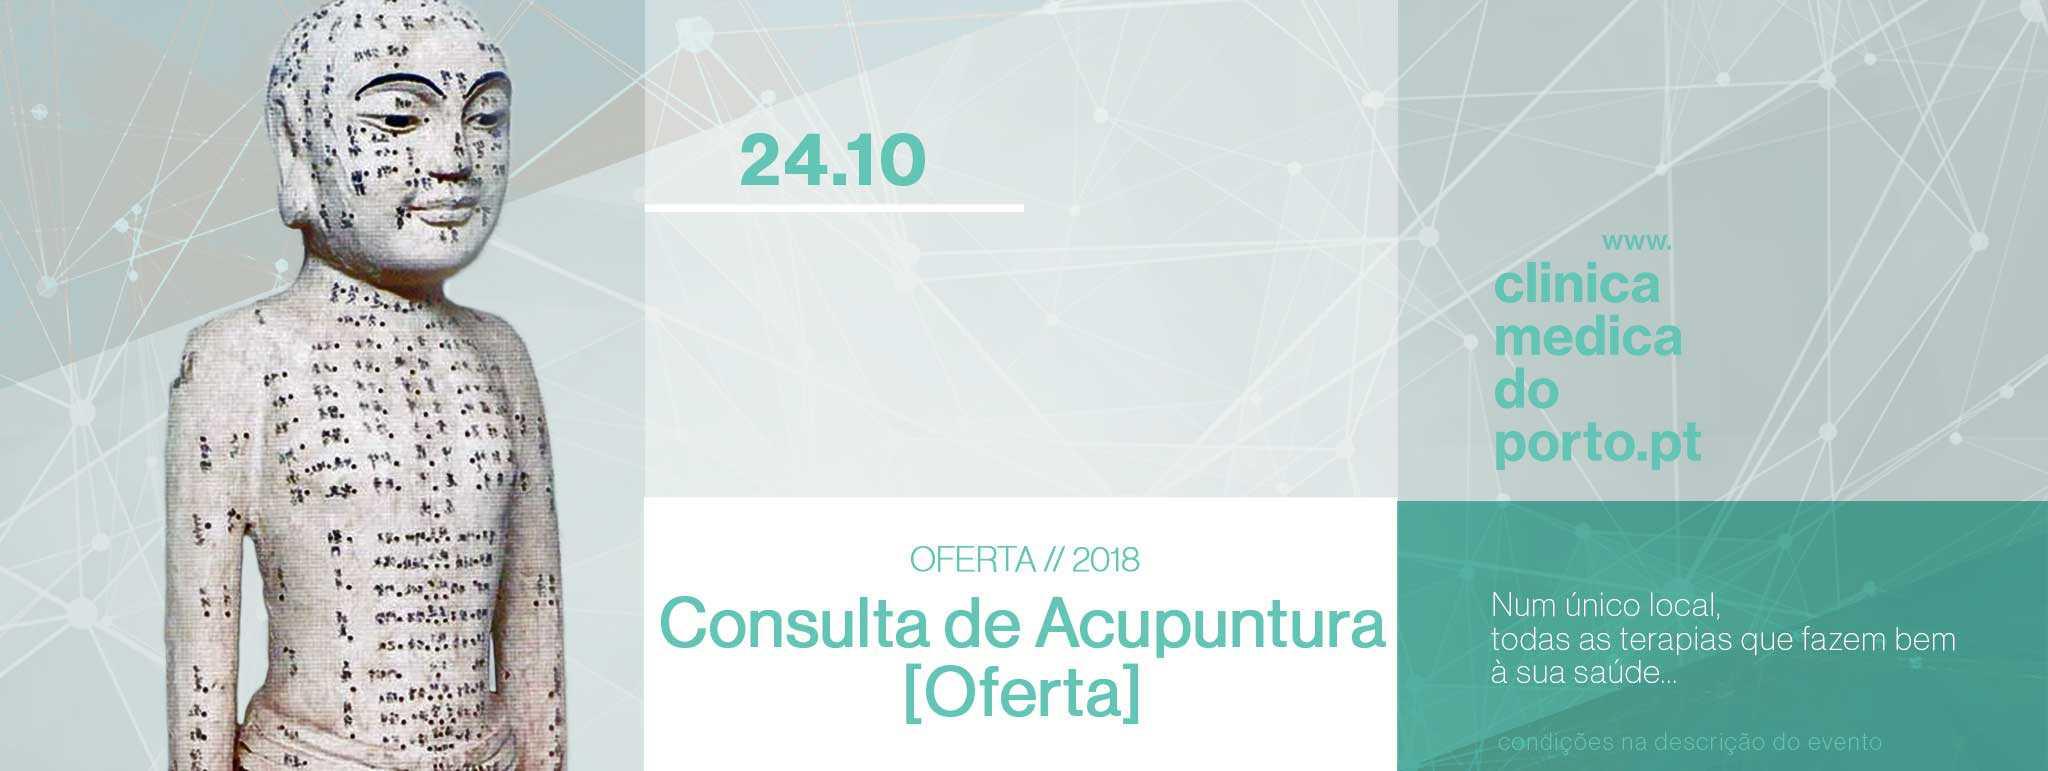 evento-openday-oferta-consulta-acupuntura-clinica-medica-porto